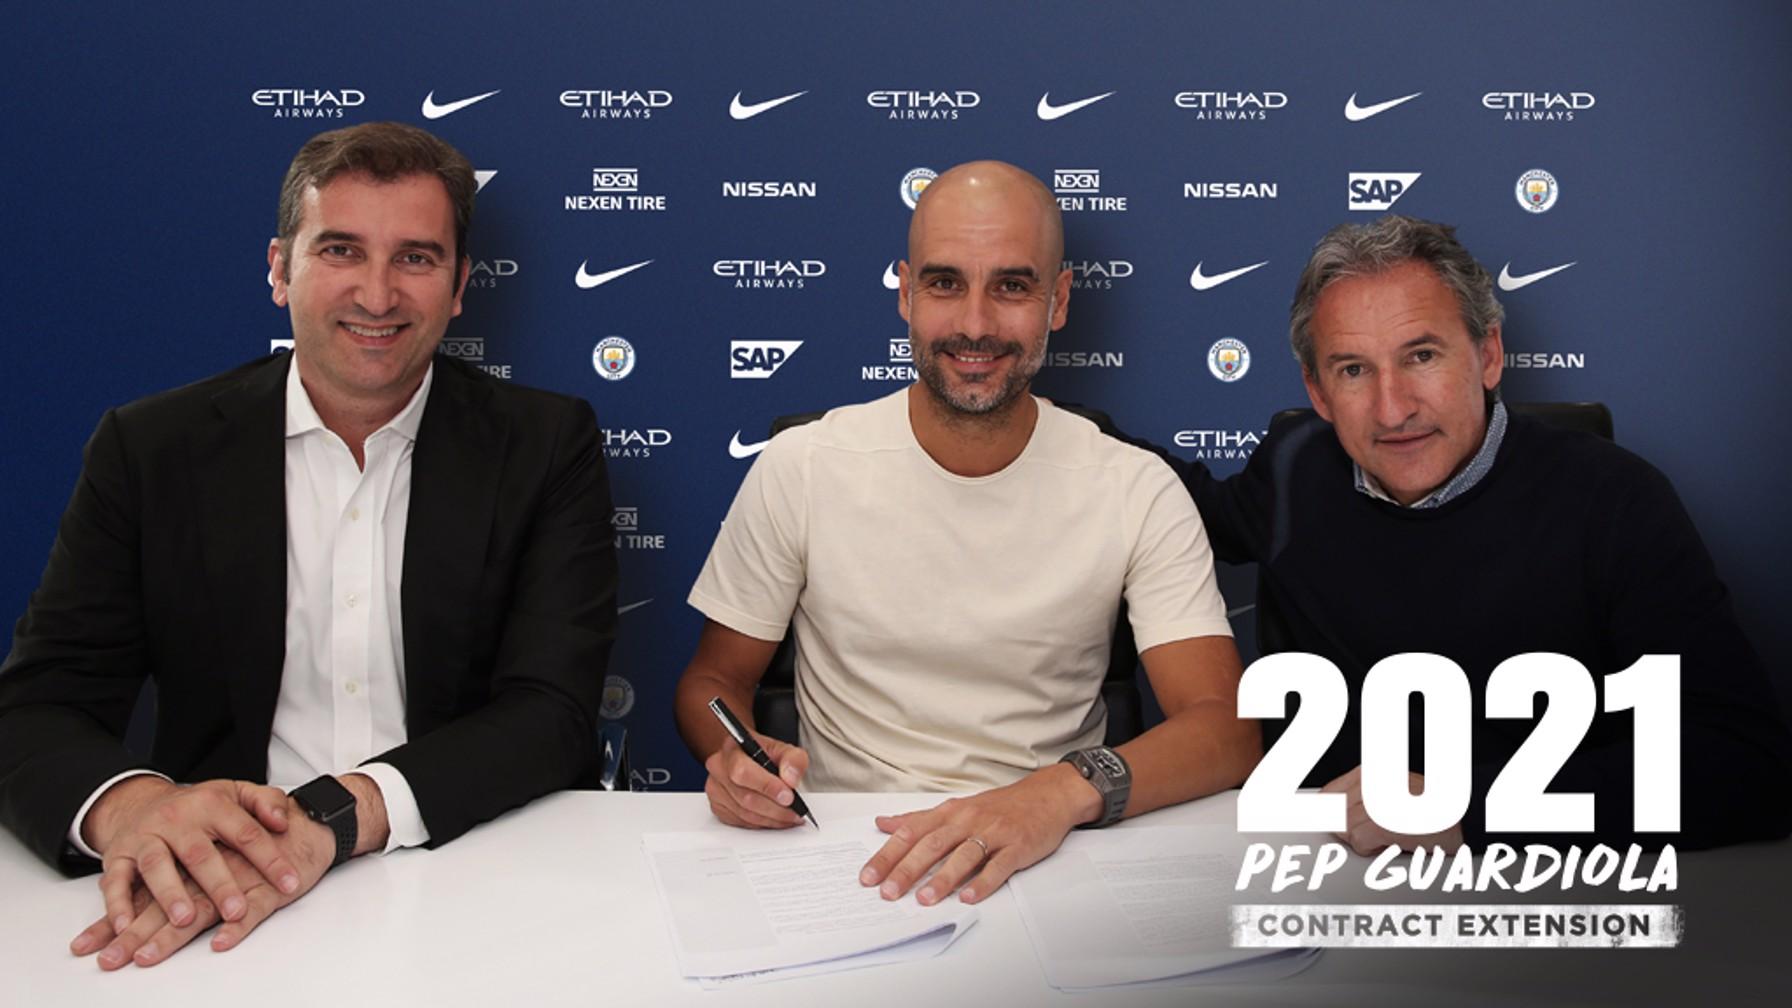 CHÍNH THỨC: Man City kí hợp đồng quan trọng nhất